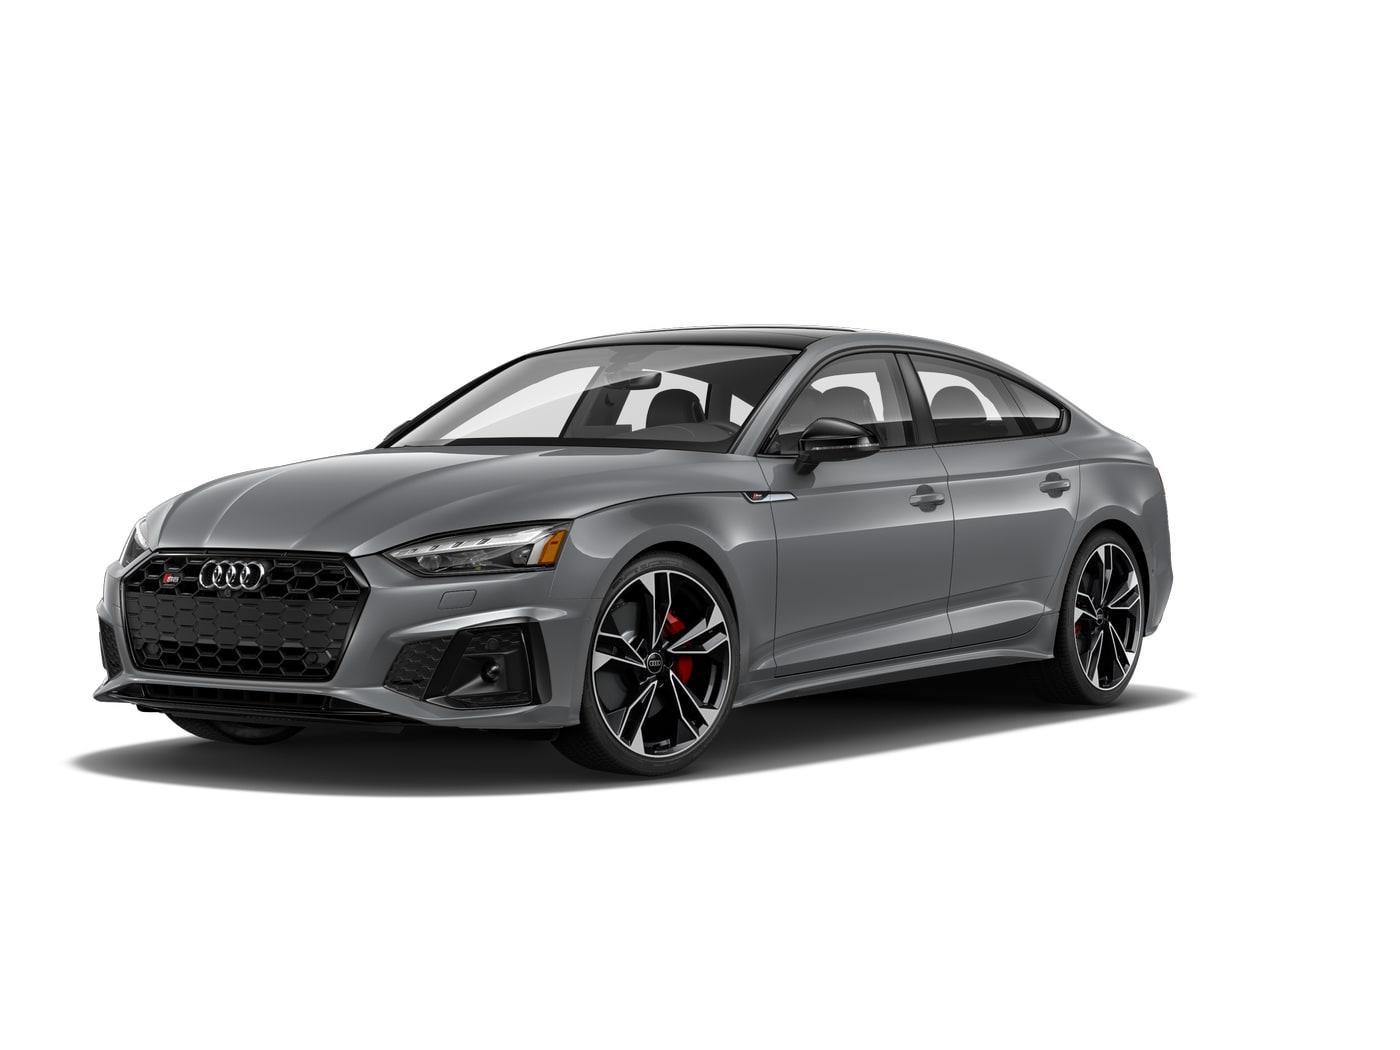 2021 Audi S5 Knoxville TN